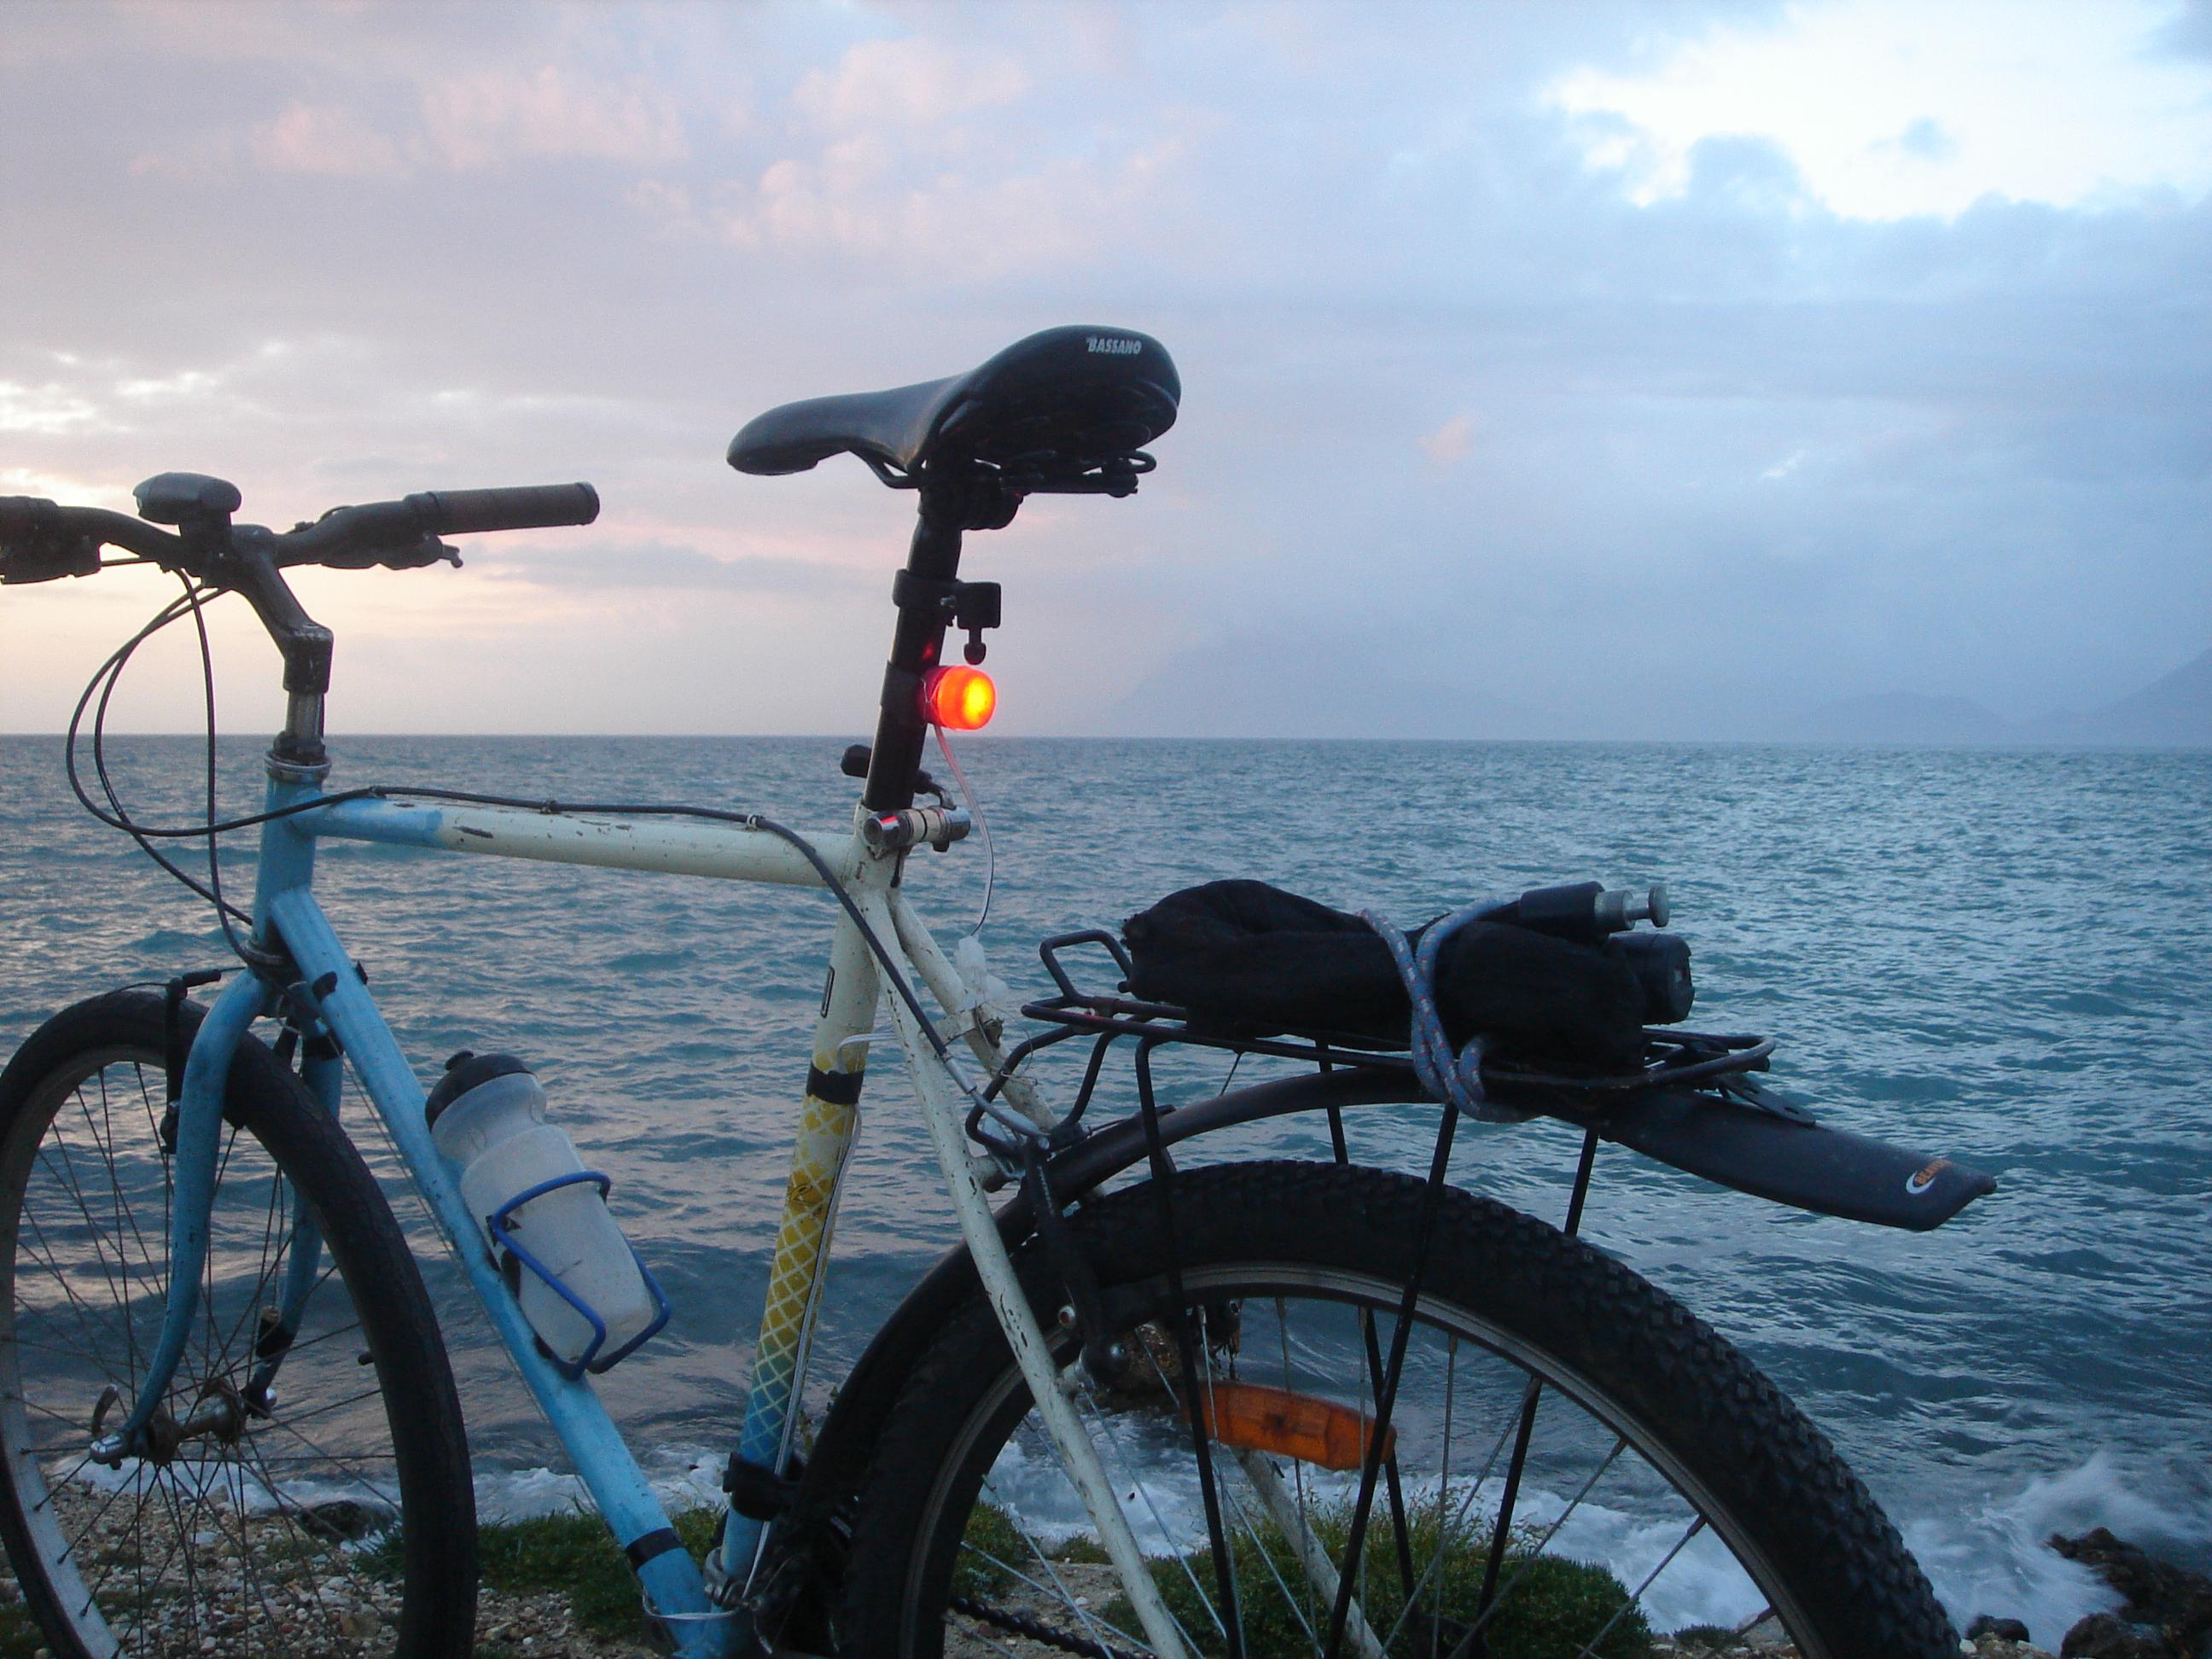 Make a Waterproof Bike Light from Soda Bottle Caps